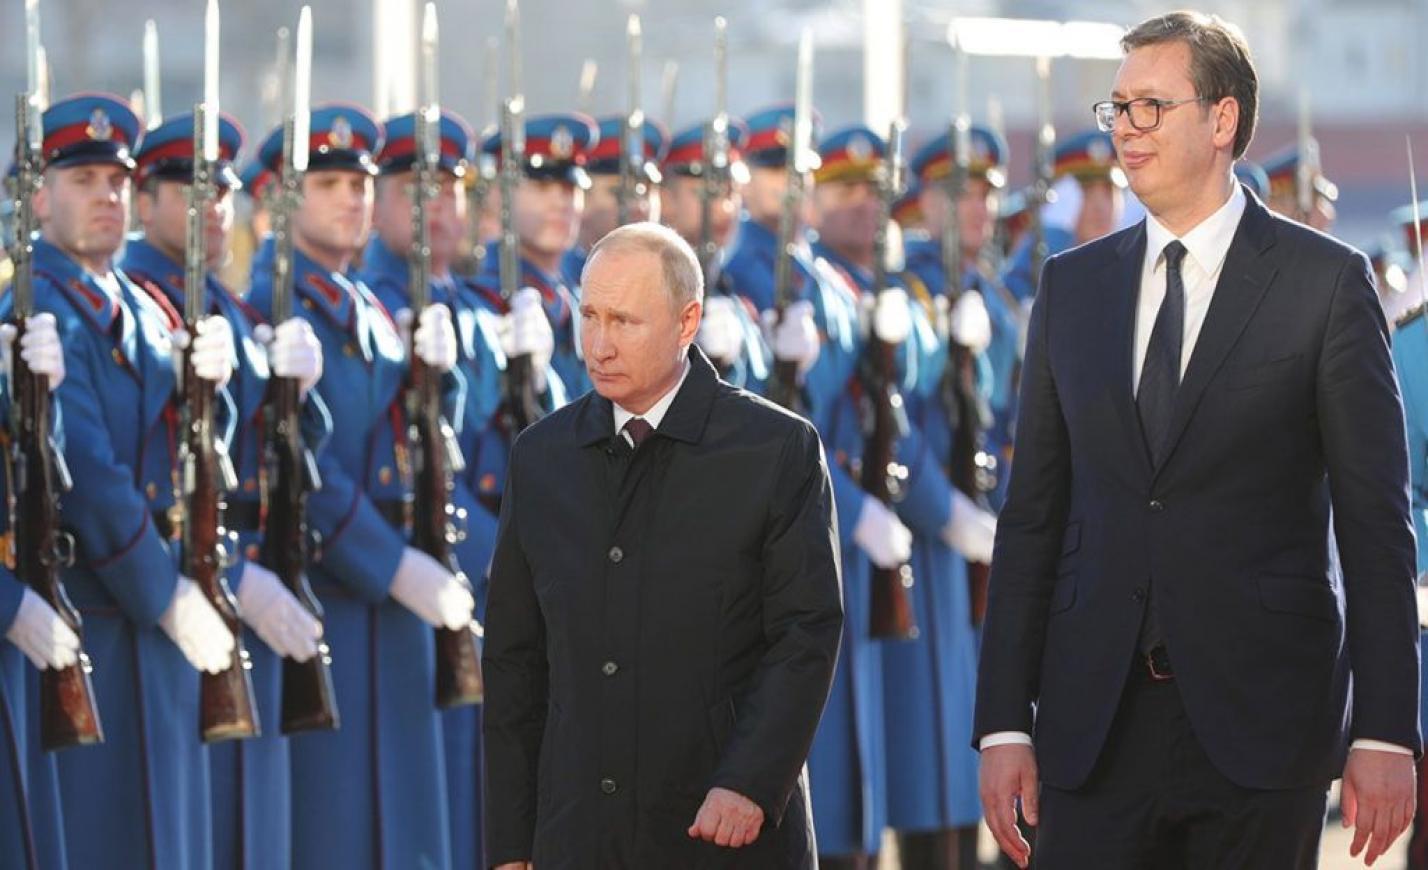 Túltolták Putyin dicsőítését: dalra fakadt a szerb miniszter